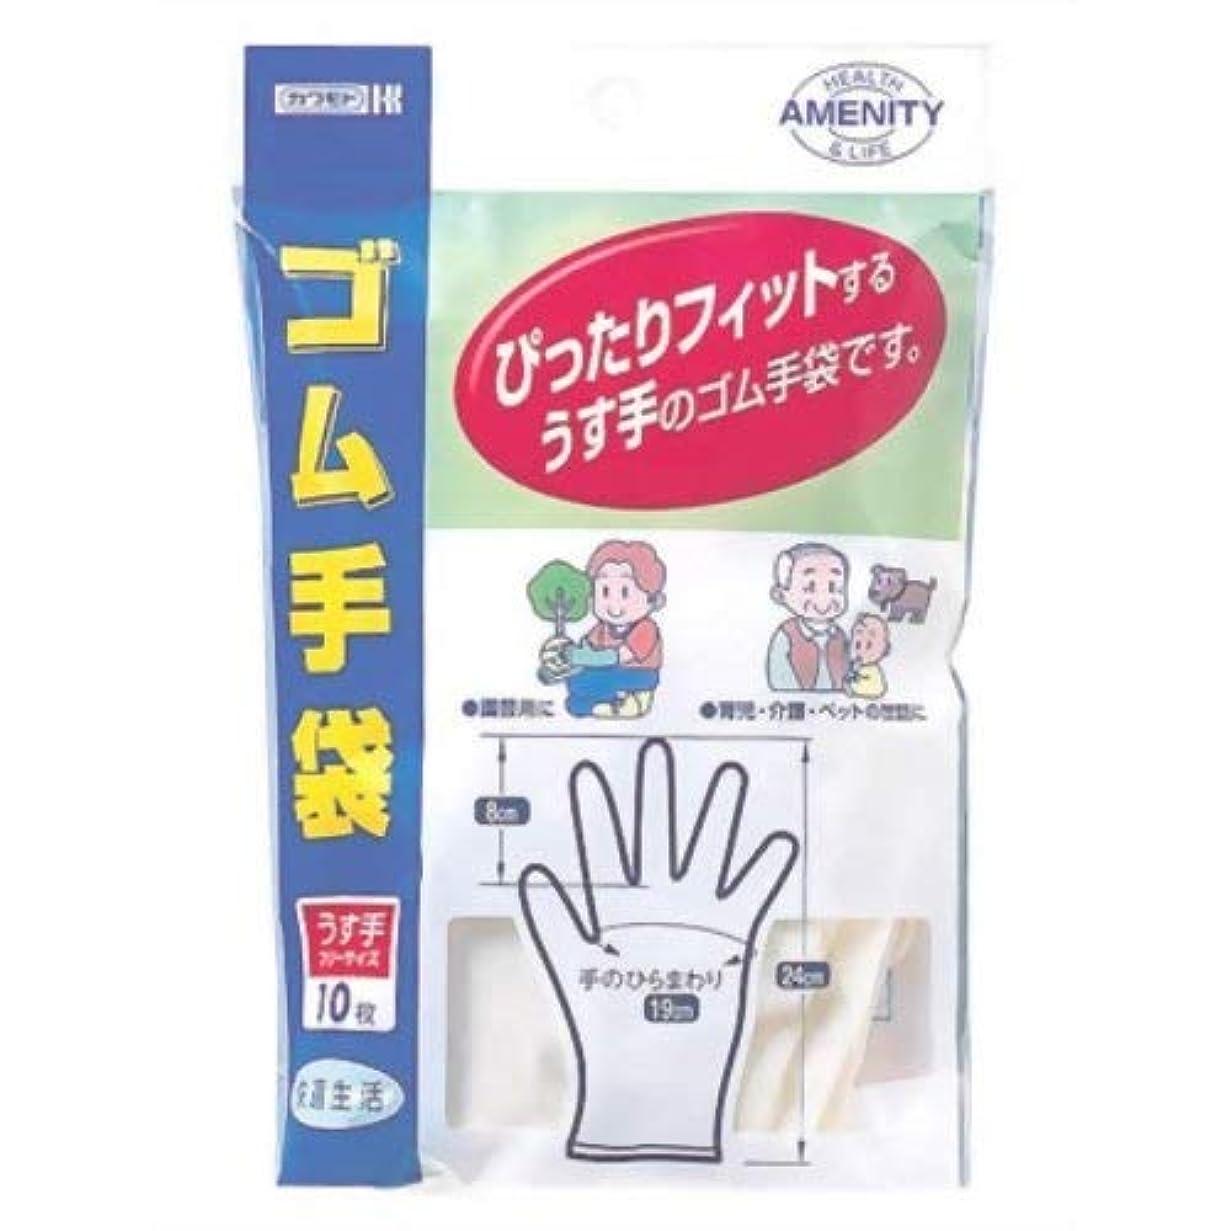 生き残り楽な住所カワモト ゴム手袋 10枚 ×6個